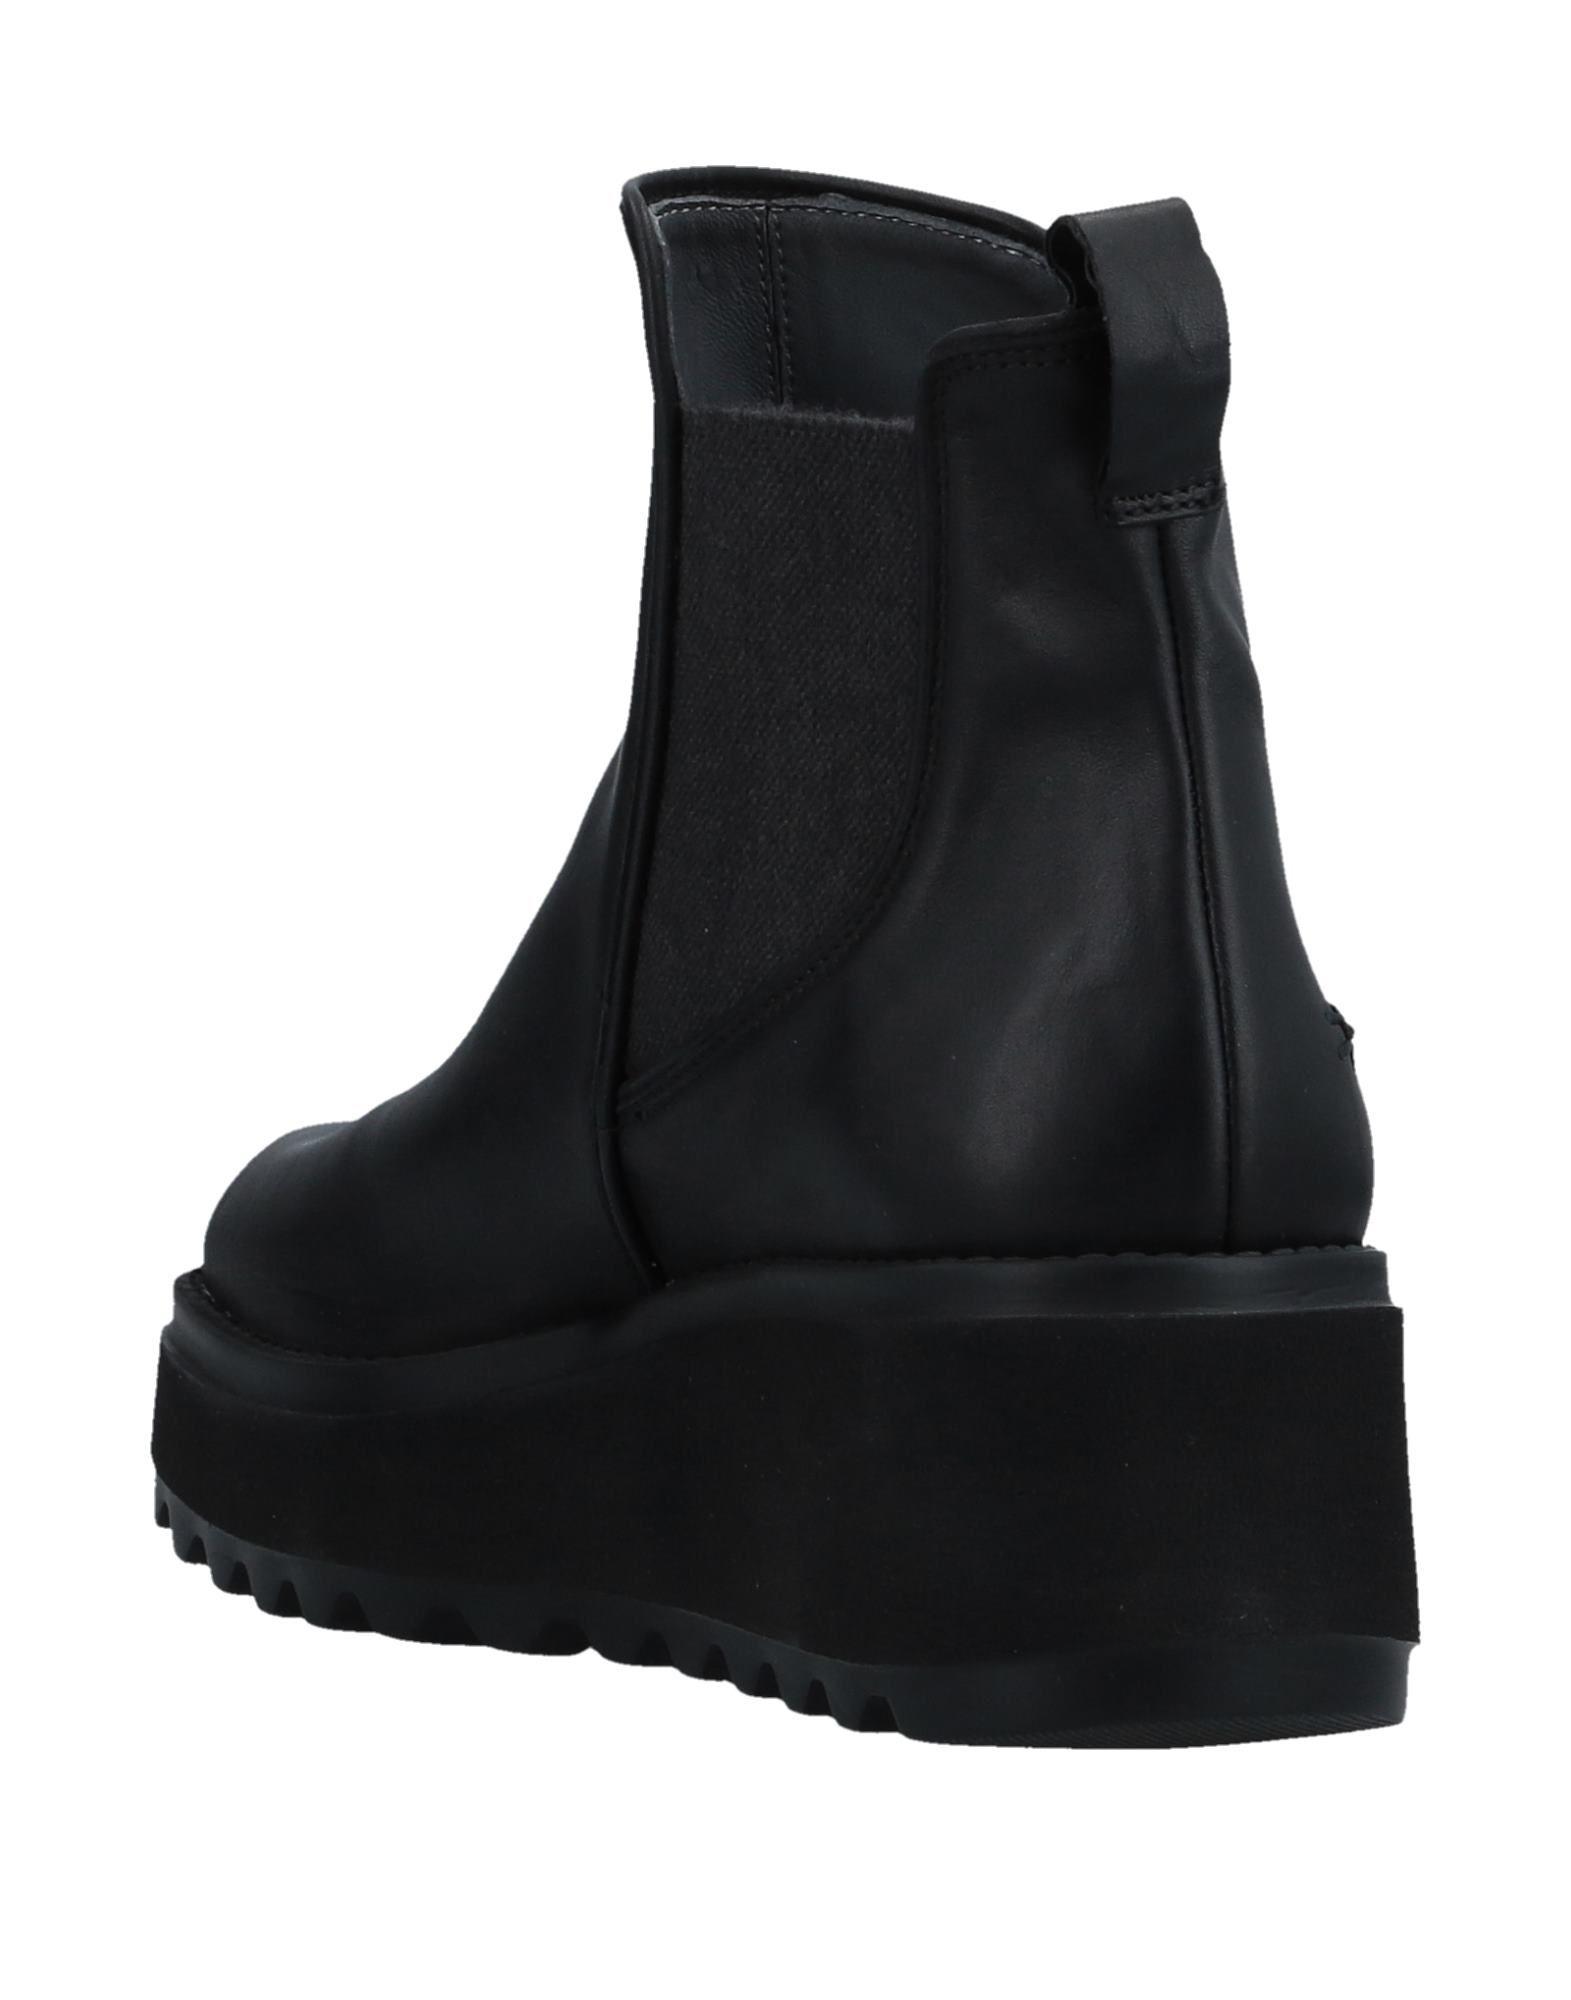 Patrizia Bonfanti Chelsea Boots lohnt Damen Gutes Preis-Leistungs-Verhältnis, es lohnt Boots sich,Sonderangebot-4096 700edc